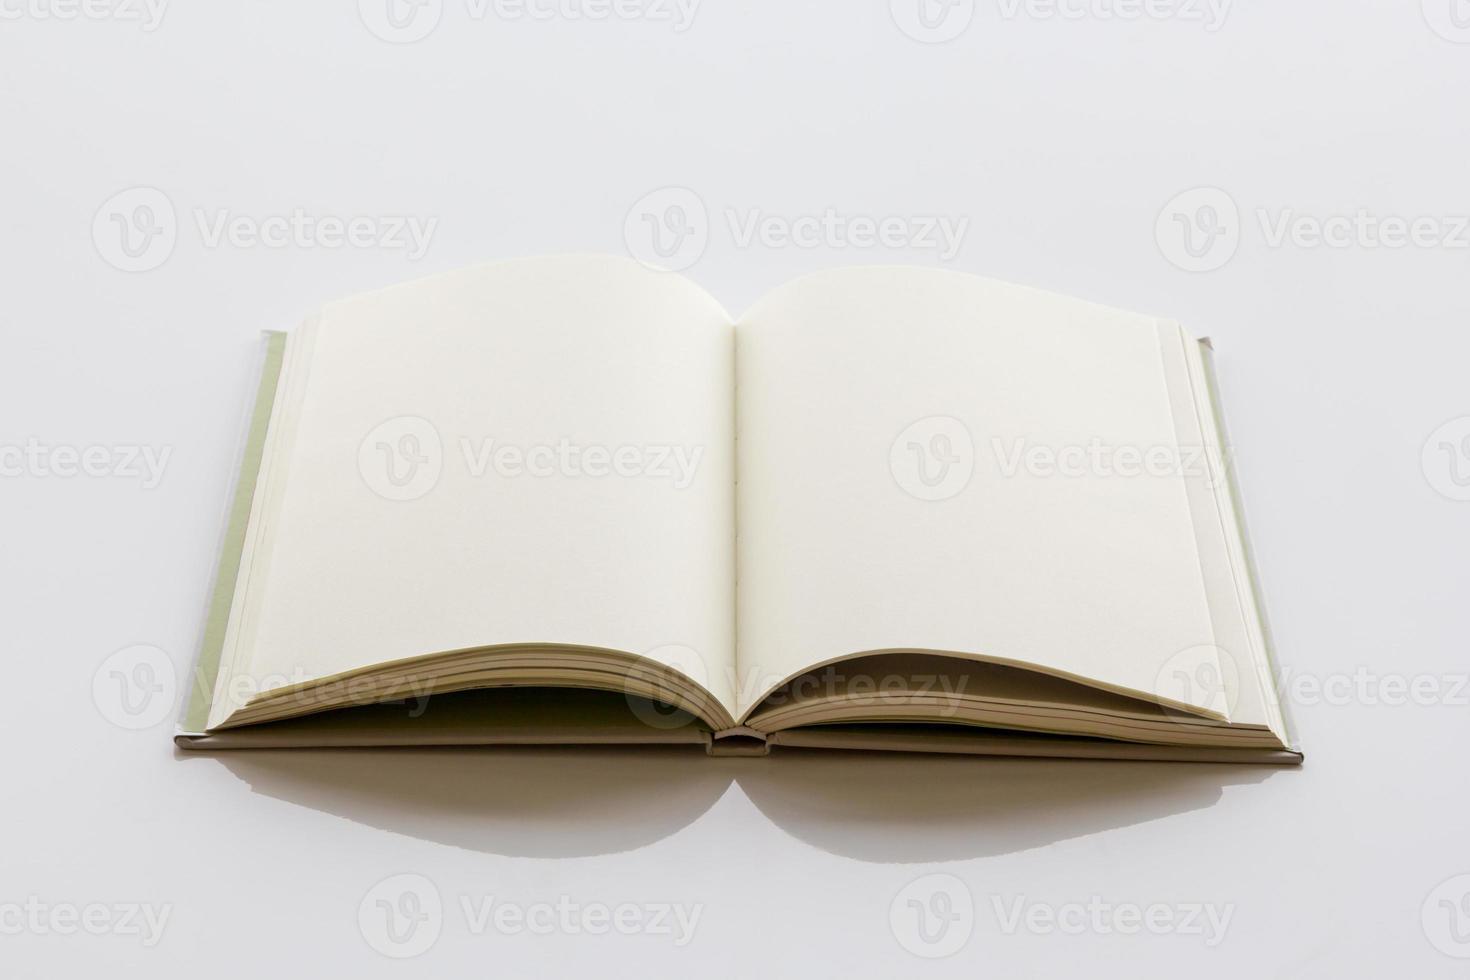 boek met blanco pagina. foto